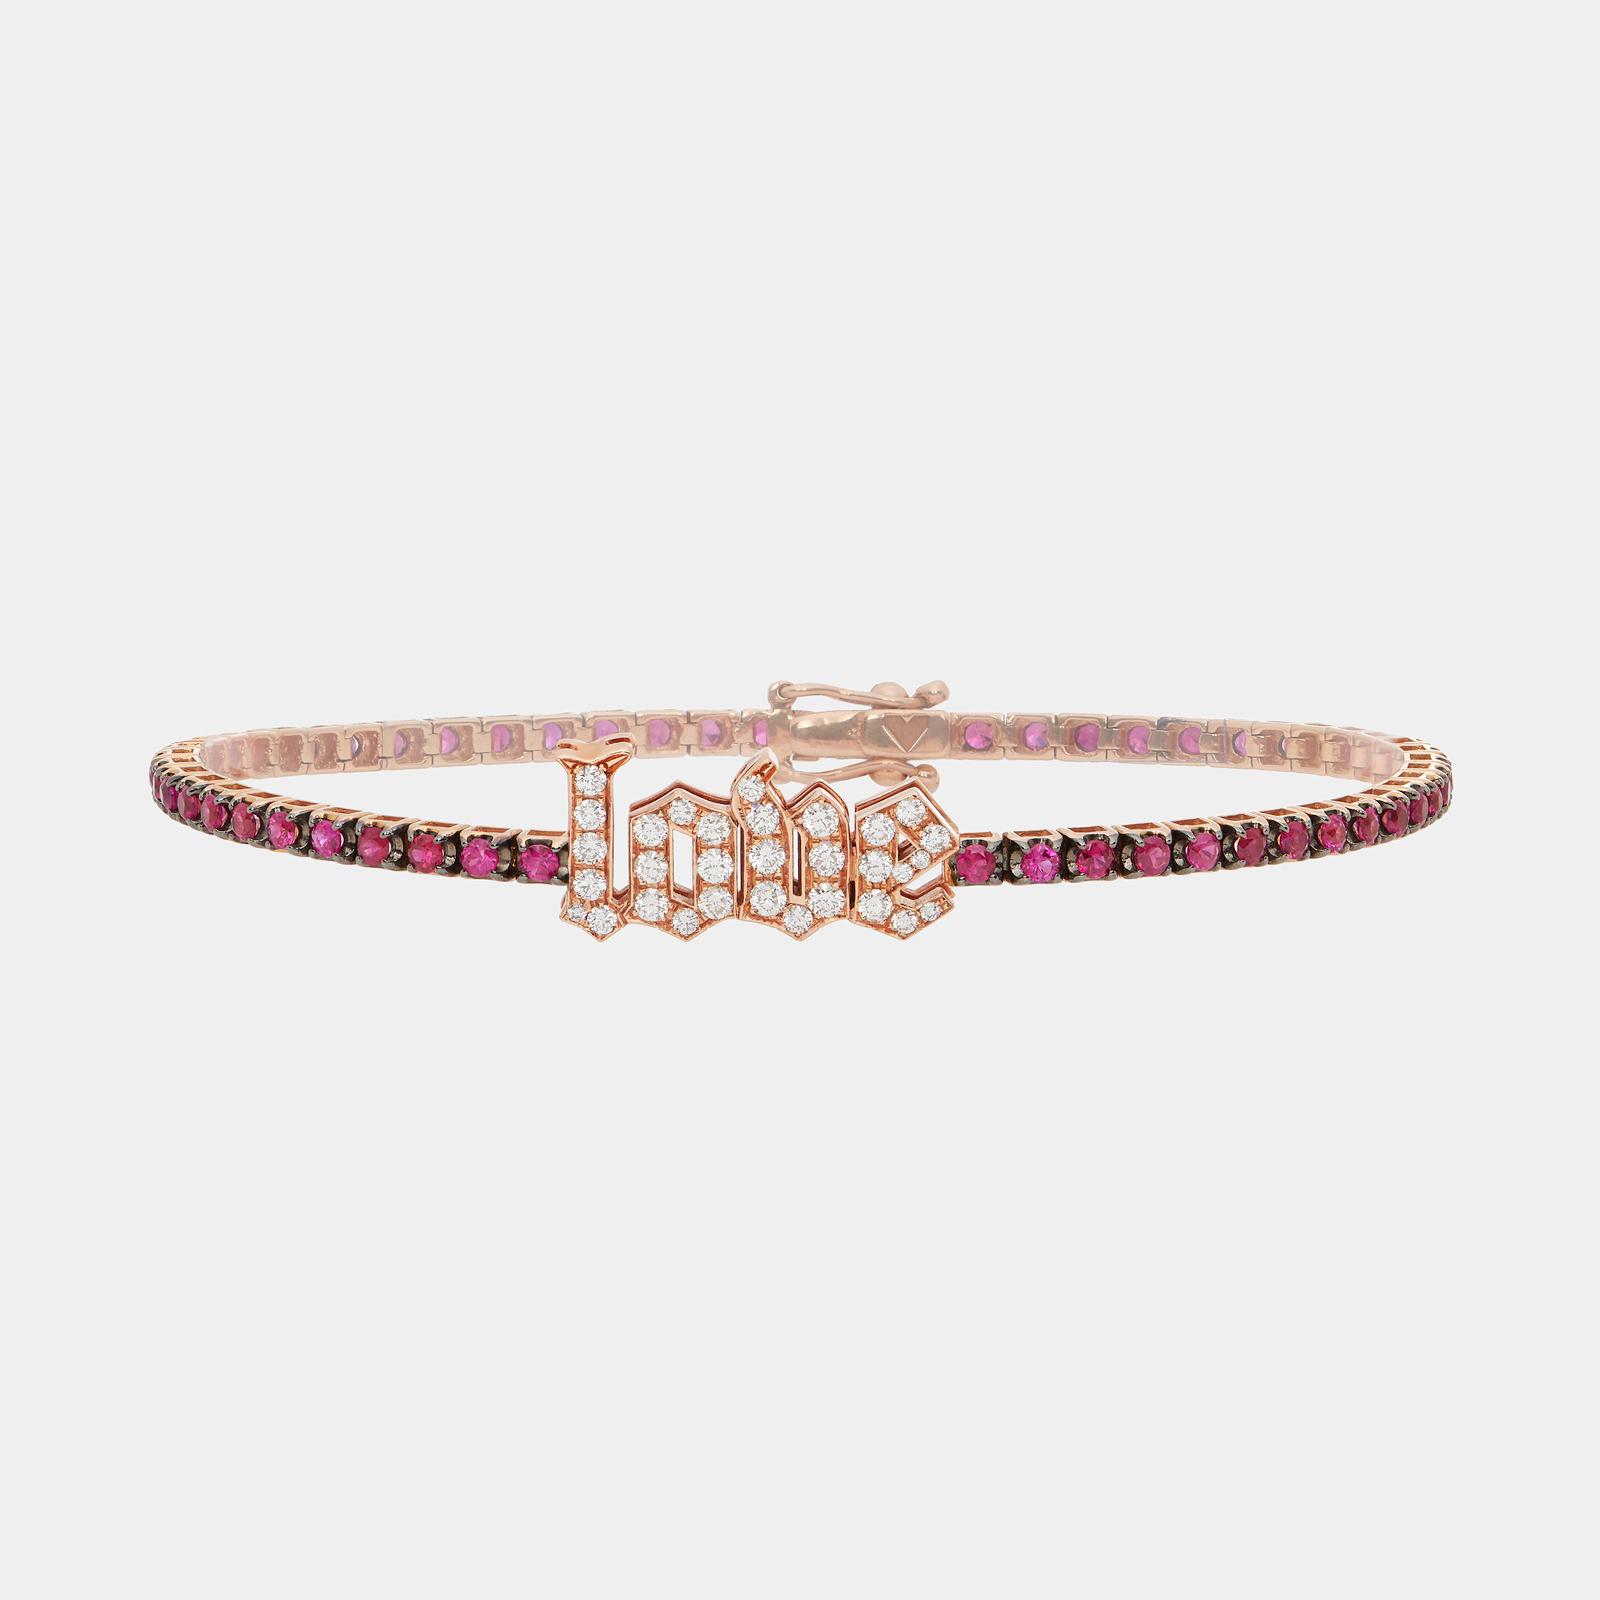 Bracciale tennis in oro rosa e rubini con LOVE in diamanti